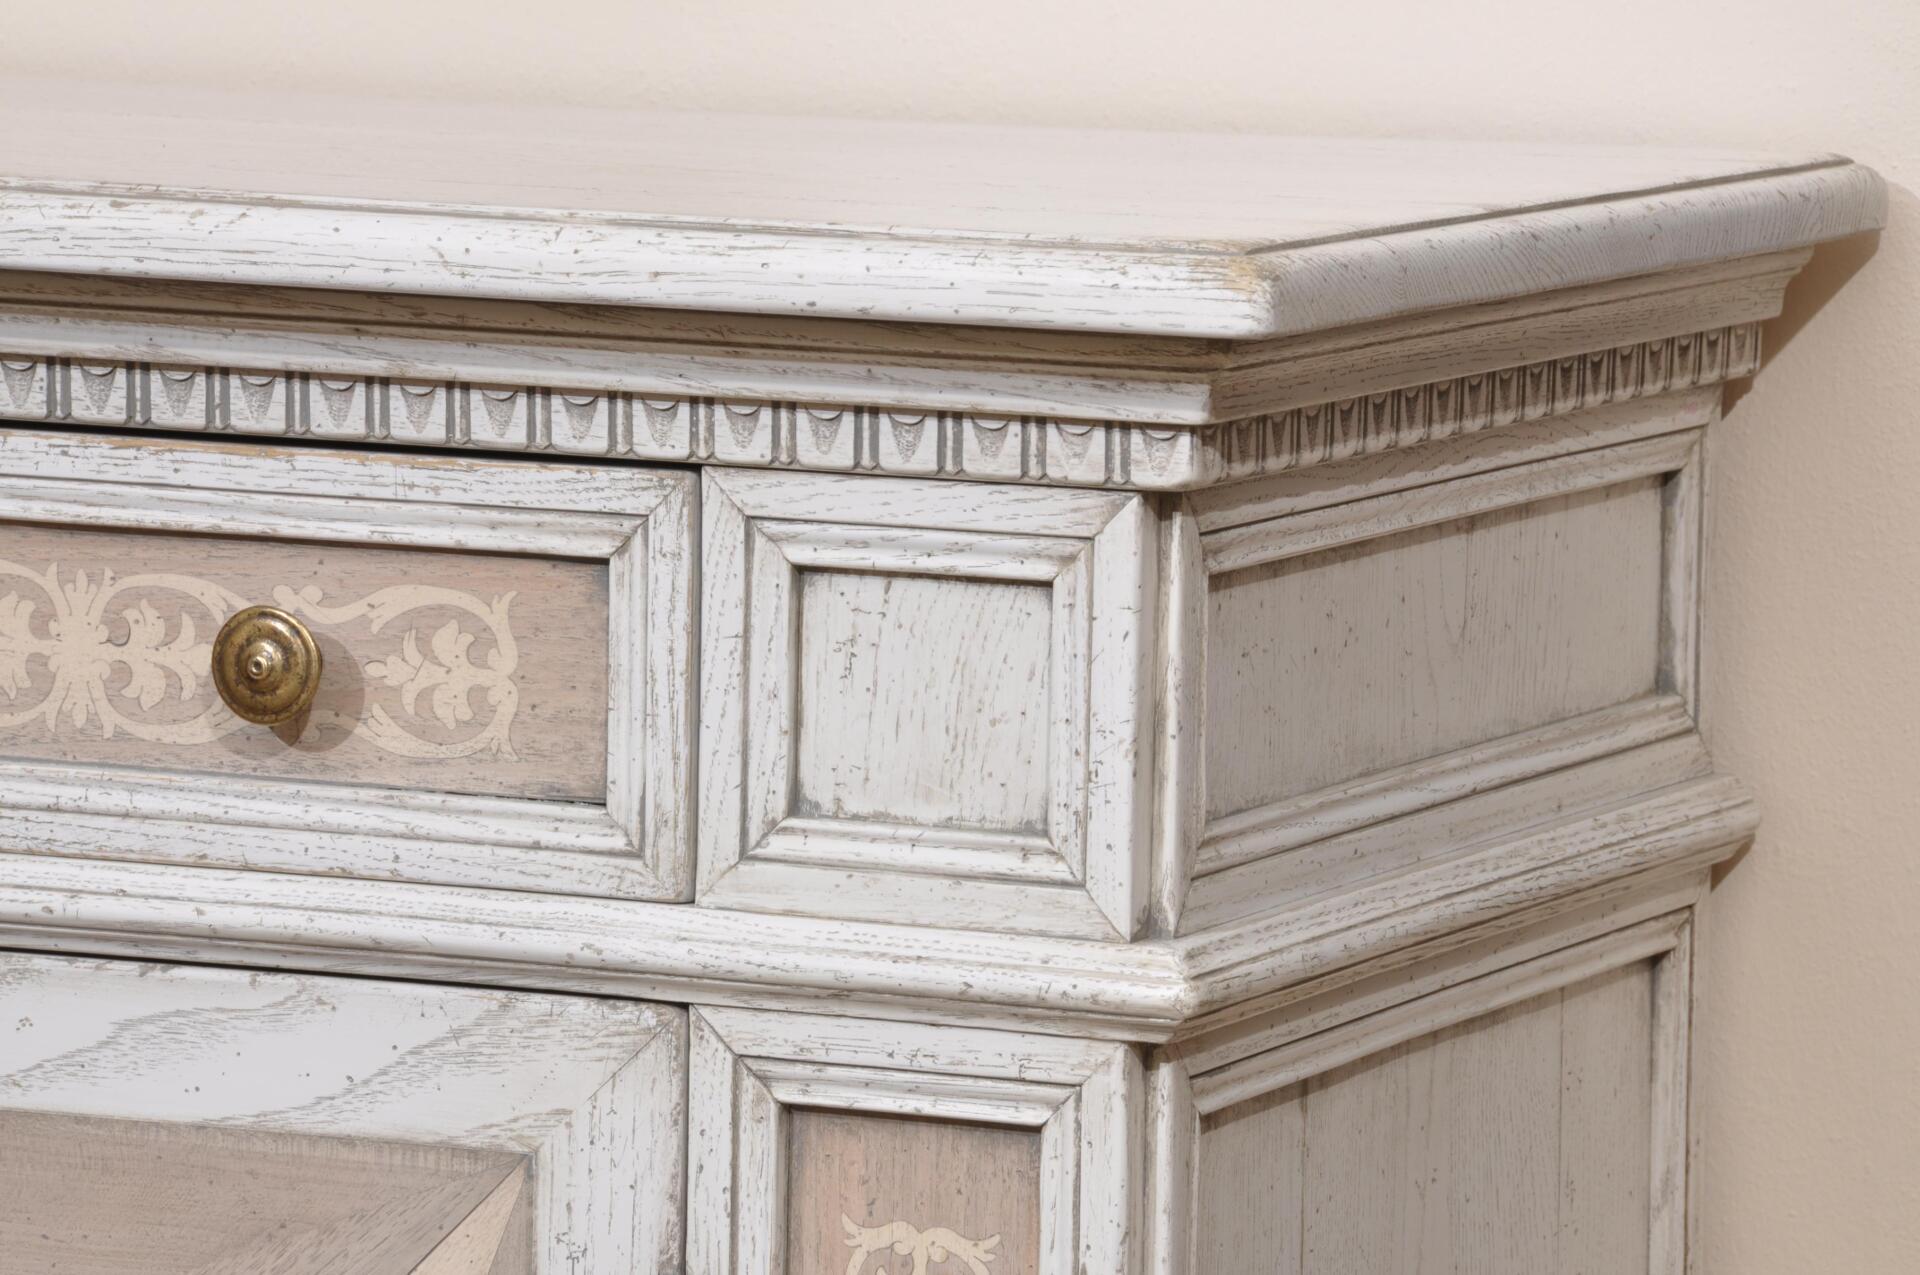 Ricercata credenza in rovere con intarsi riprodotti a mano in stile 600 toscano mobili vangelista - Mobili stile toscano ...